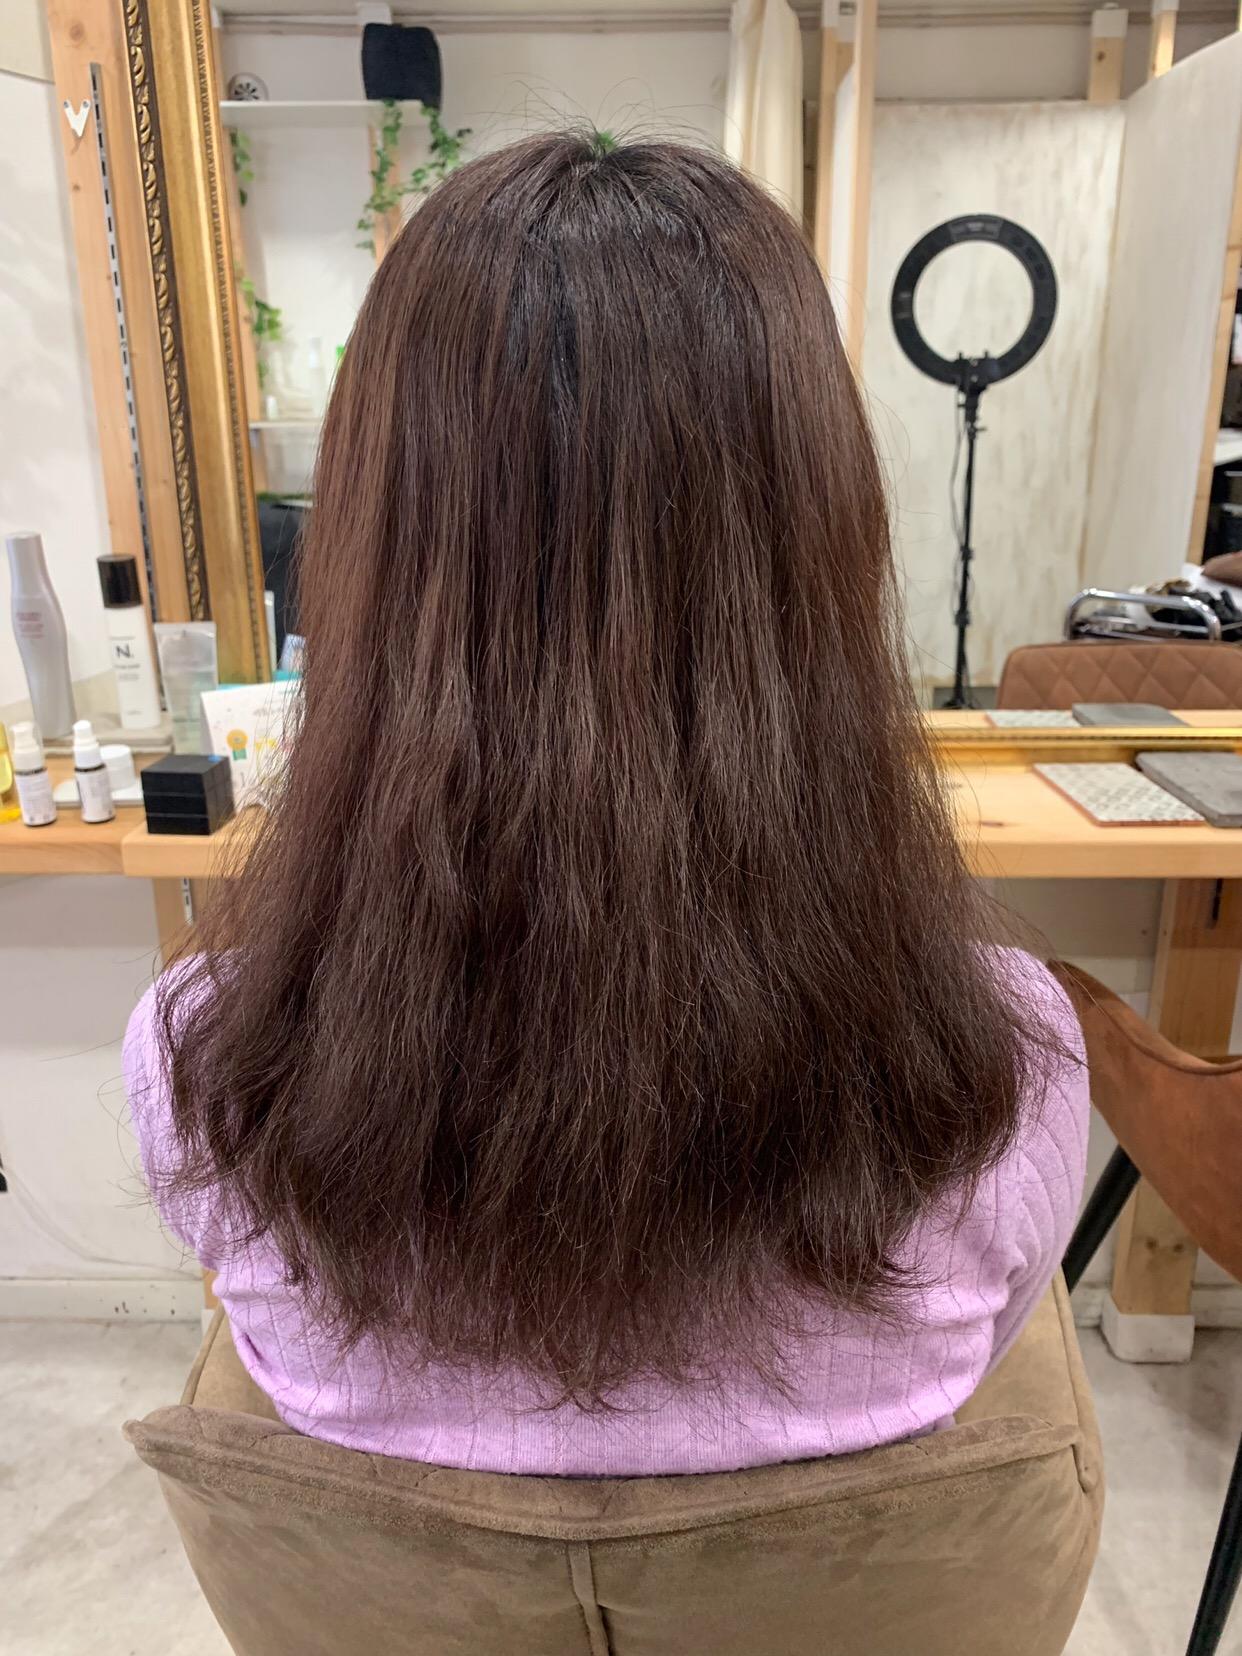 パサつきが気になる髪をつるんとまとまる【艶髪】に。原宿・表参道『1000人をツヤ髪にヘアケア美容師の挑戦』